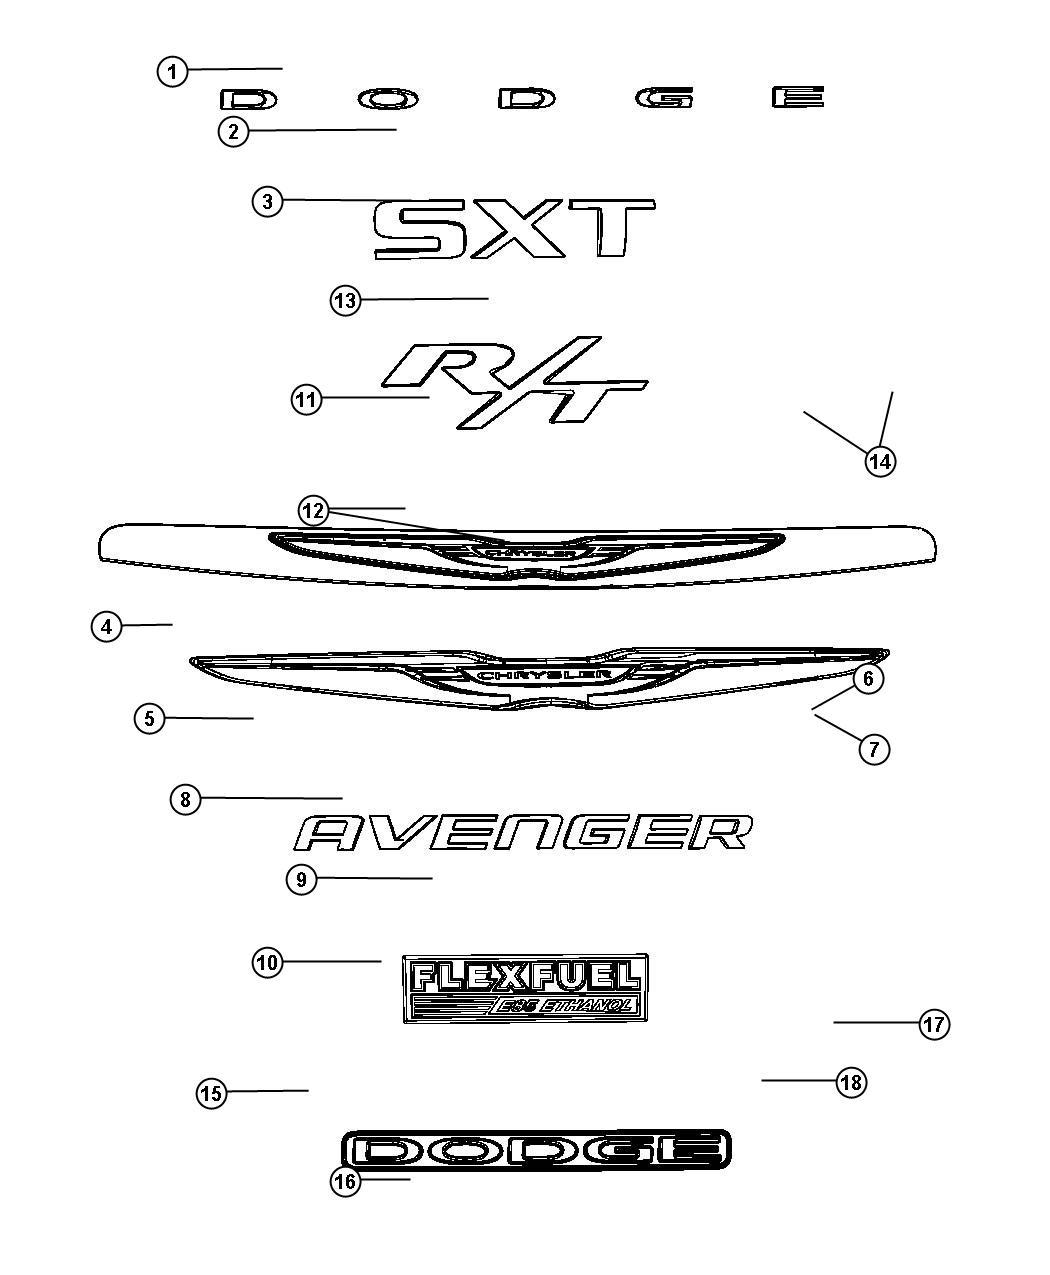 2012 Chrysler 300 Emblem. Lancia. Grille, Fog, Lamps